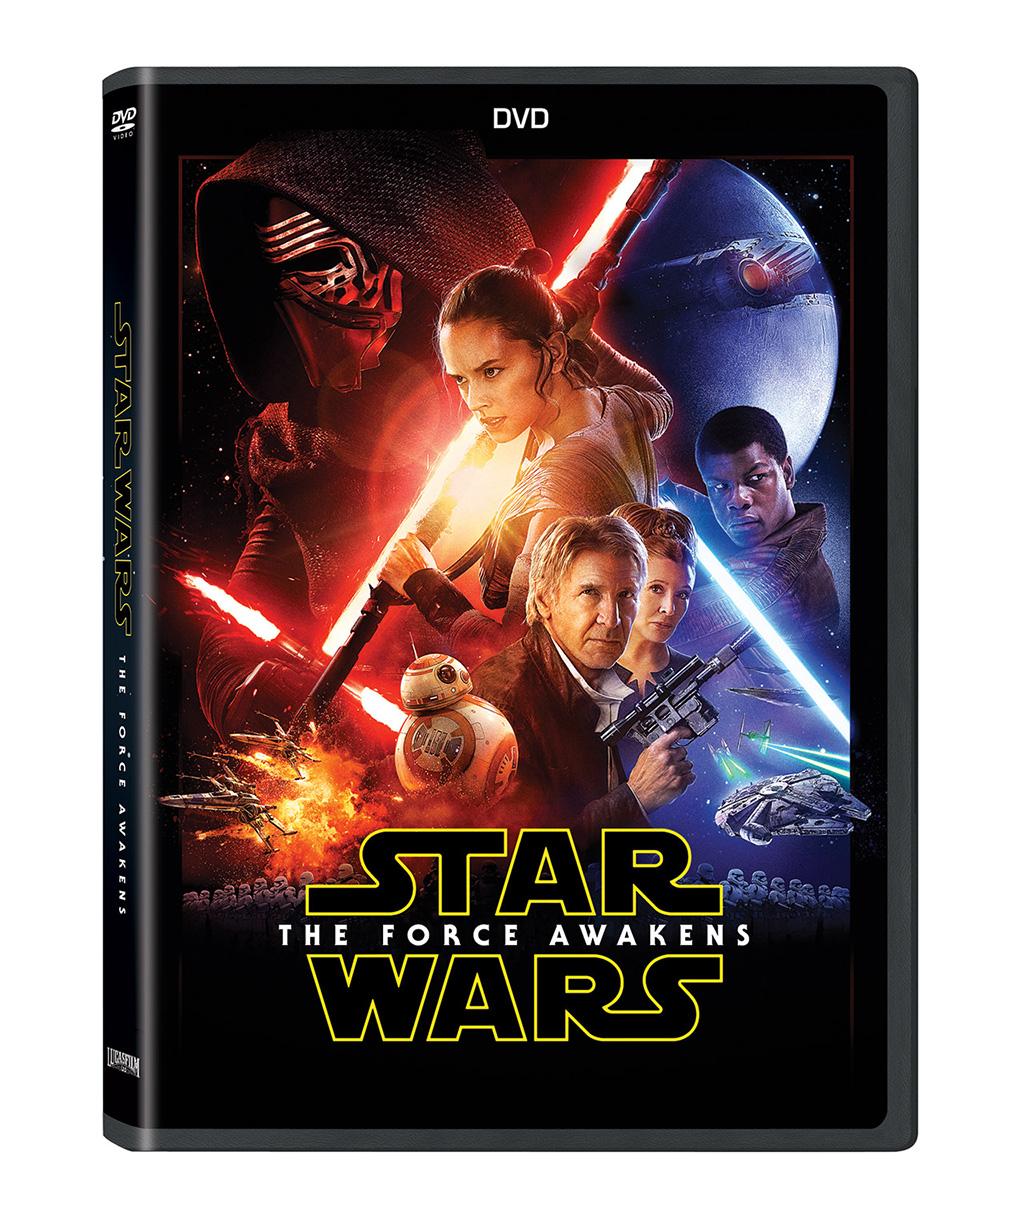 Blu-ray-Star Wars El Despertar de la Fuerza DVD